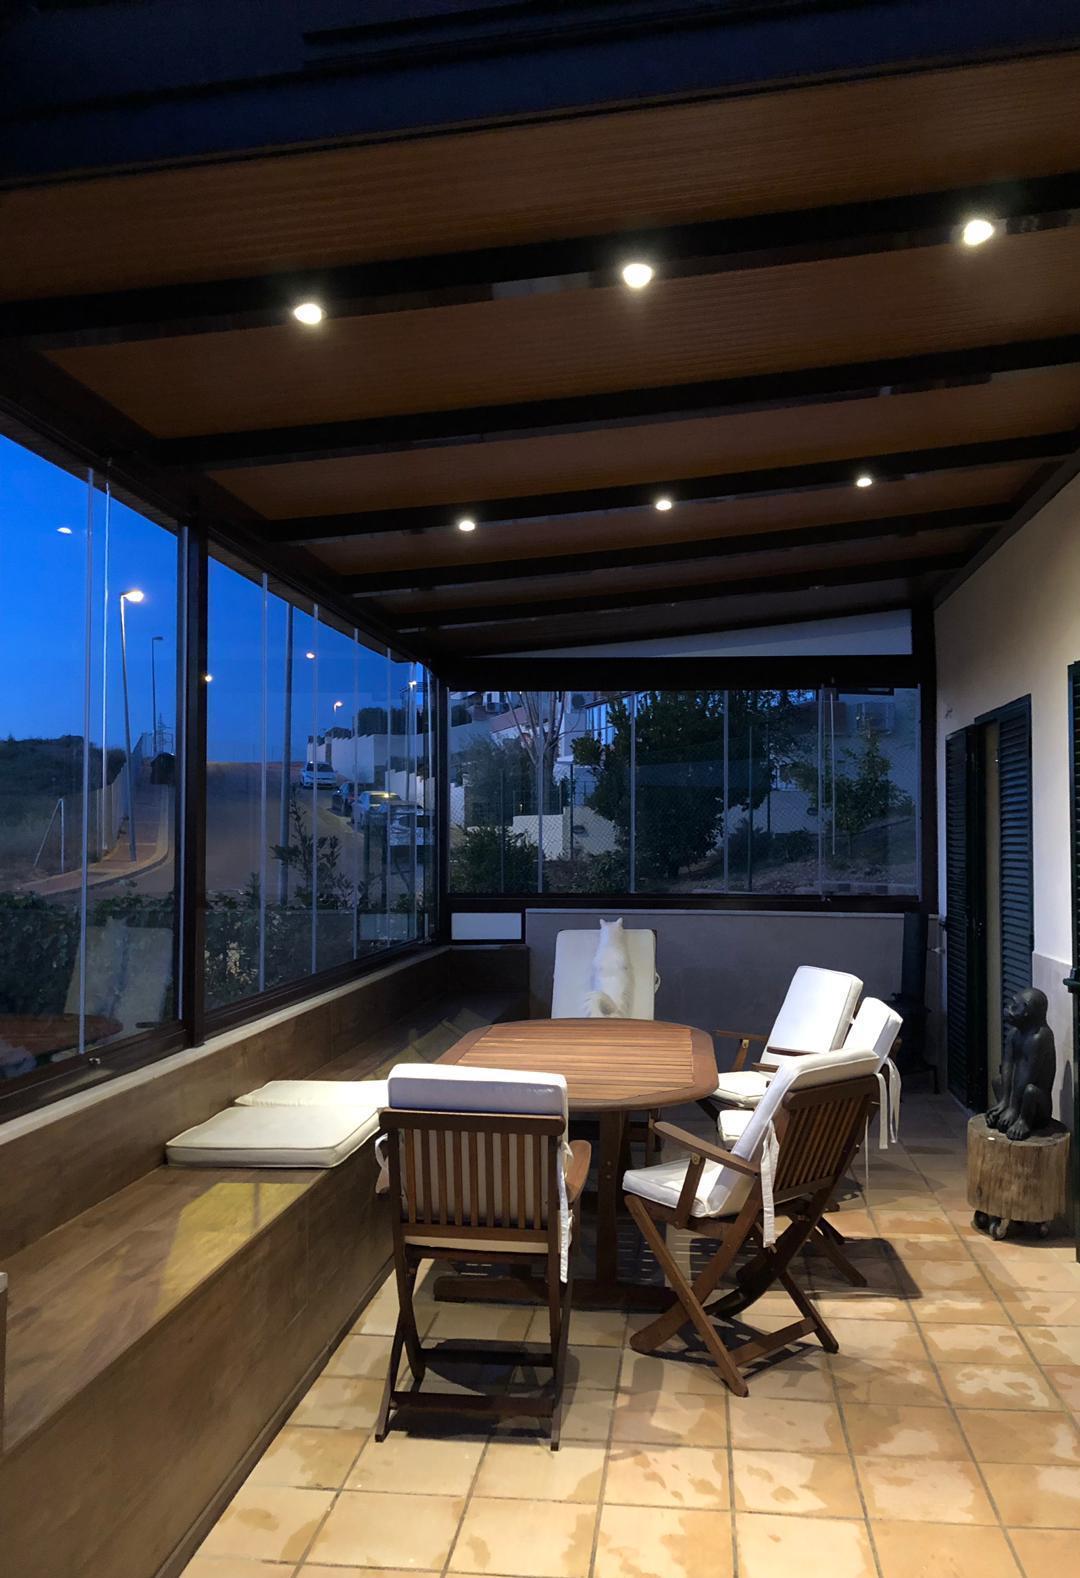 Foto 5 de Cerramientos y techos de cristal en El Ejido | Acristalamientos Diansa